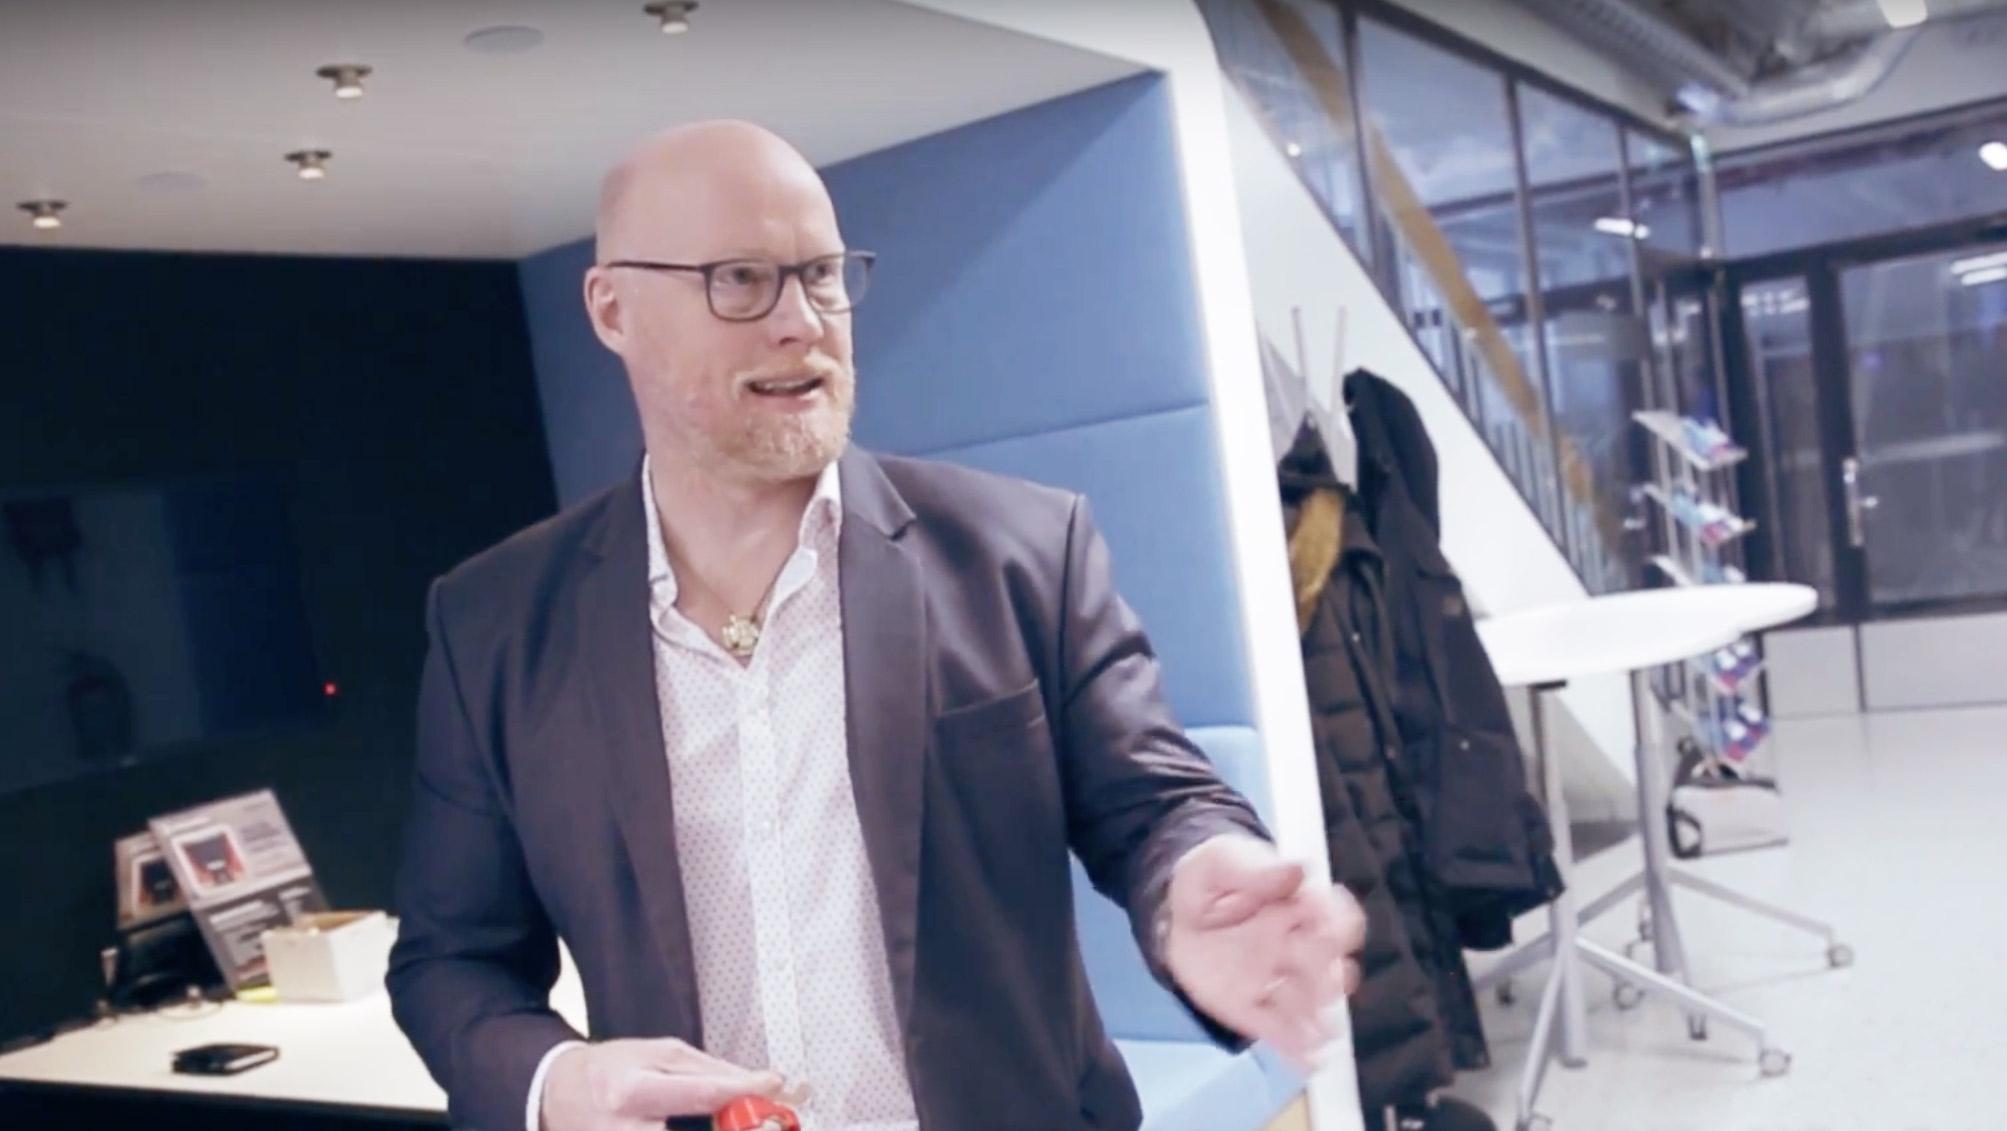 Cover for article 'Näin 6Aika on vaikuttanut yrityksiin: Kipuwex ja kipua mittaava laite'